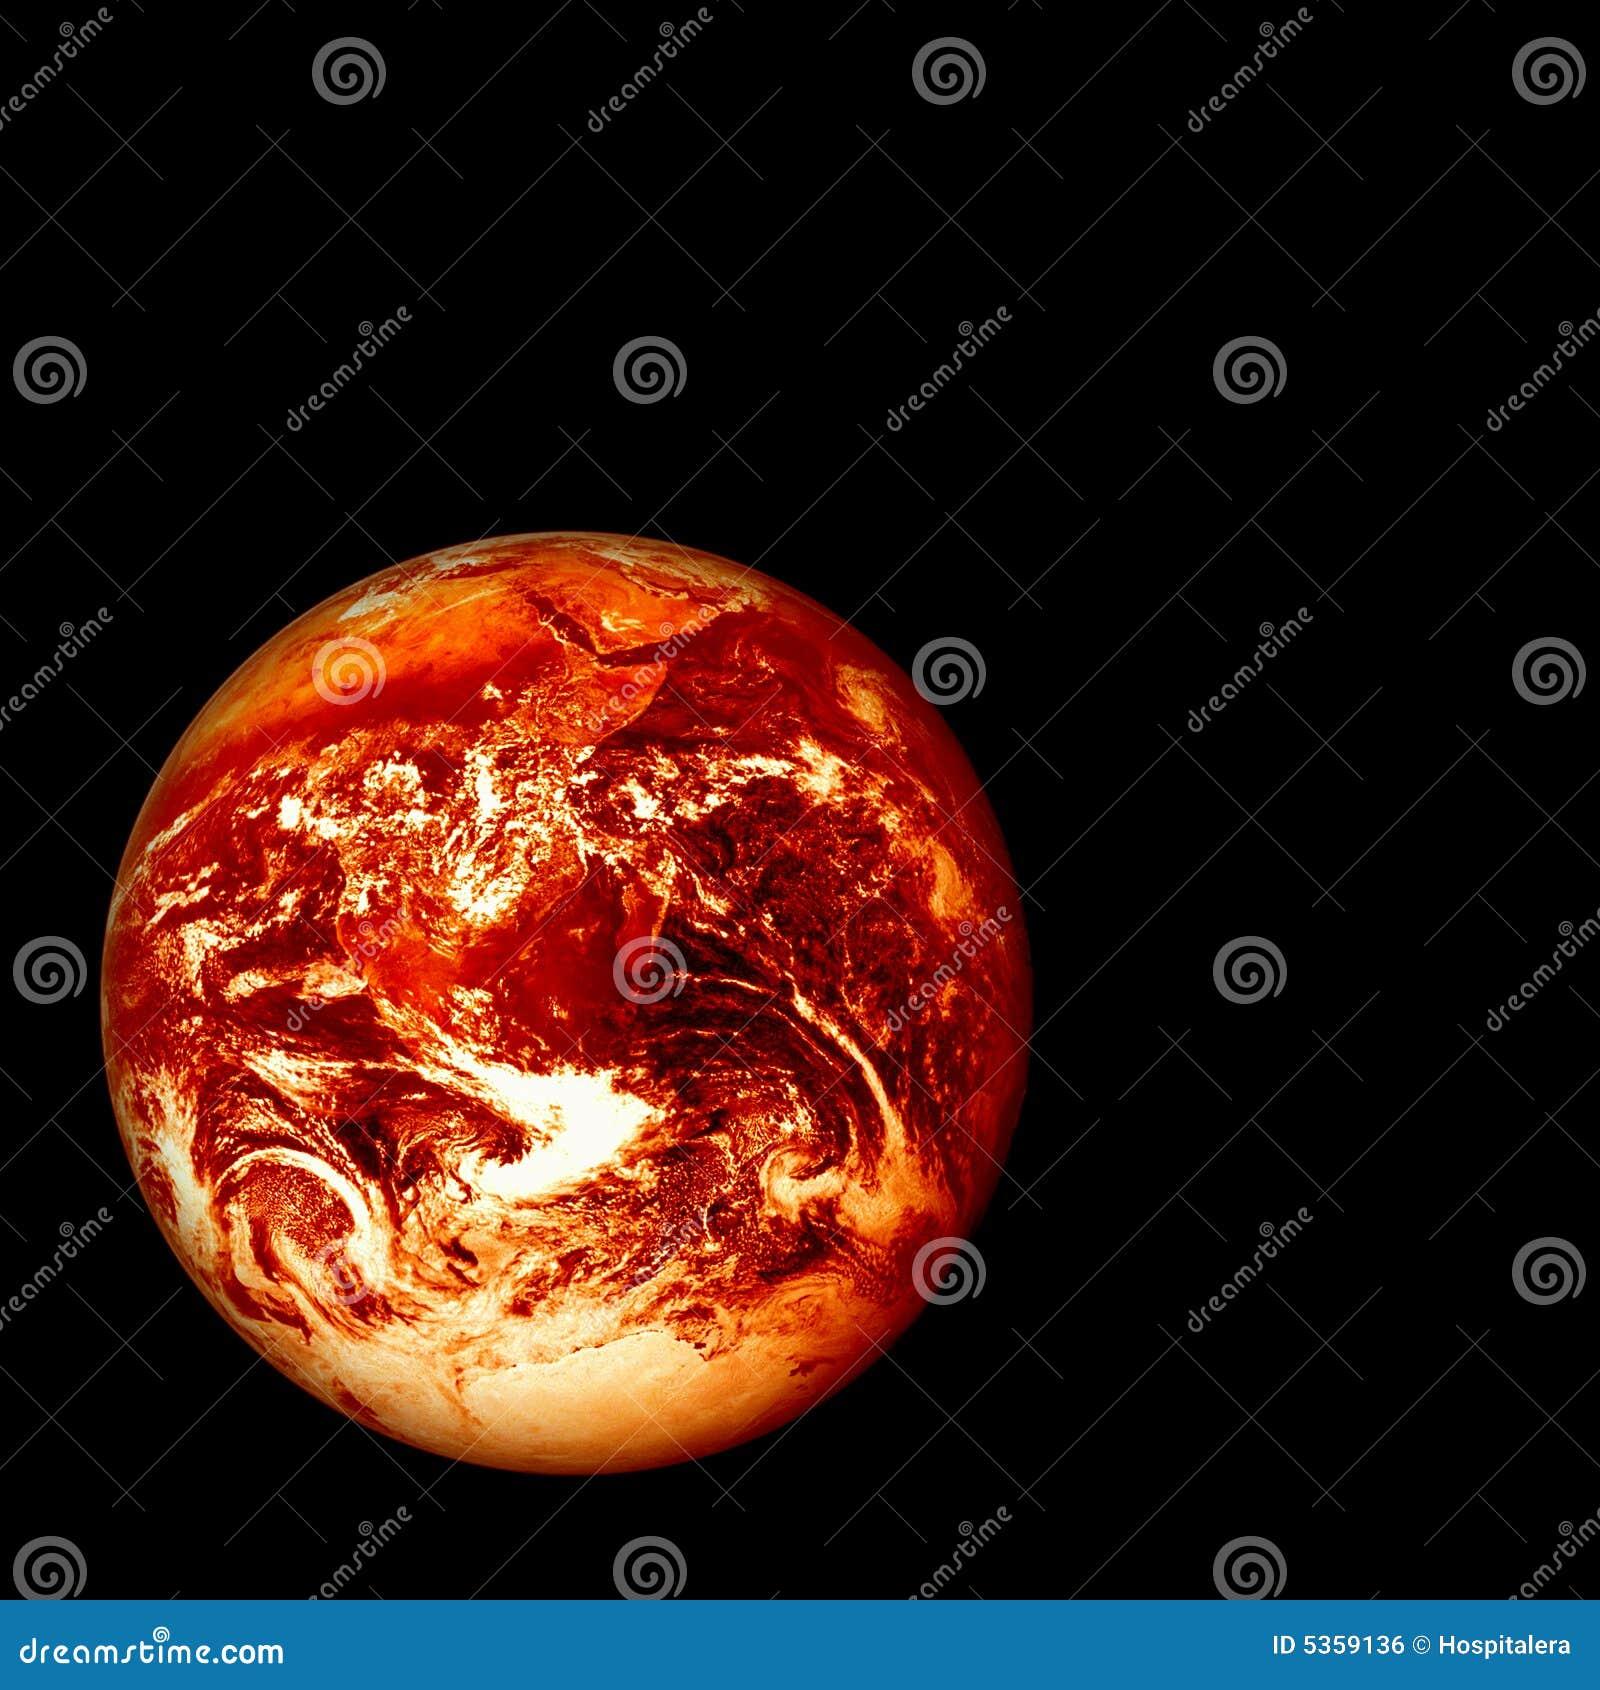 Burning Earth Royalty Free Stock Image - Image: 5359136